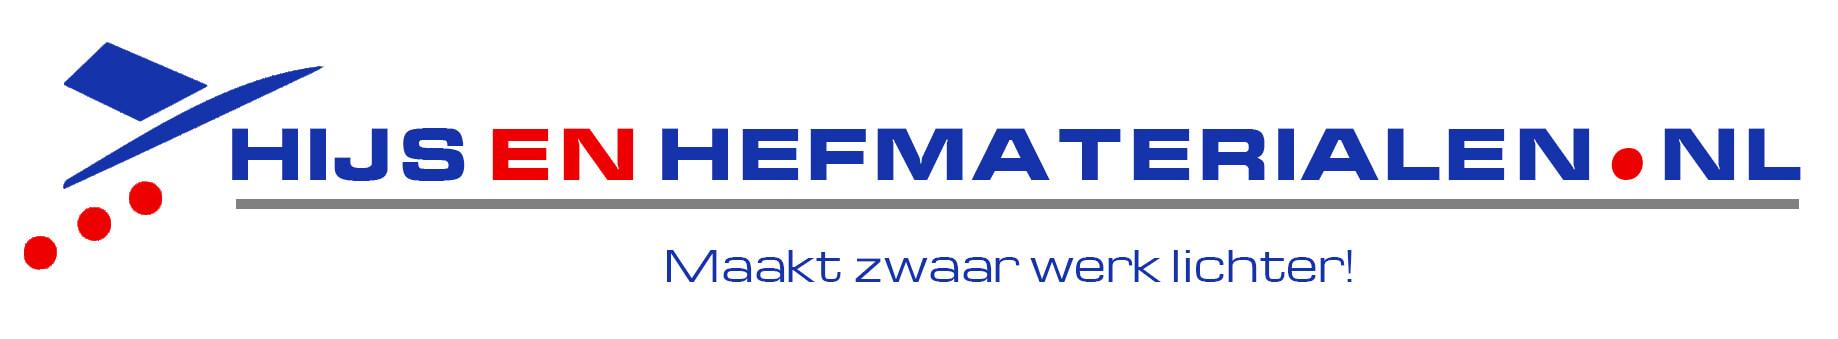 Hijs en Hefmaterialen .nl